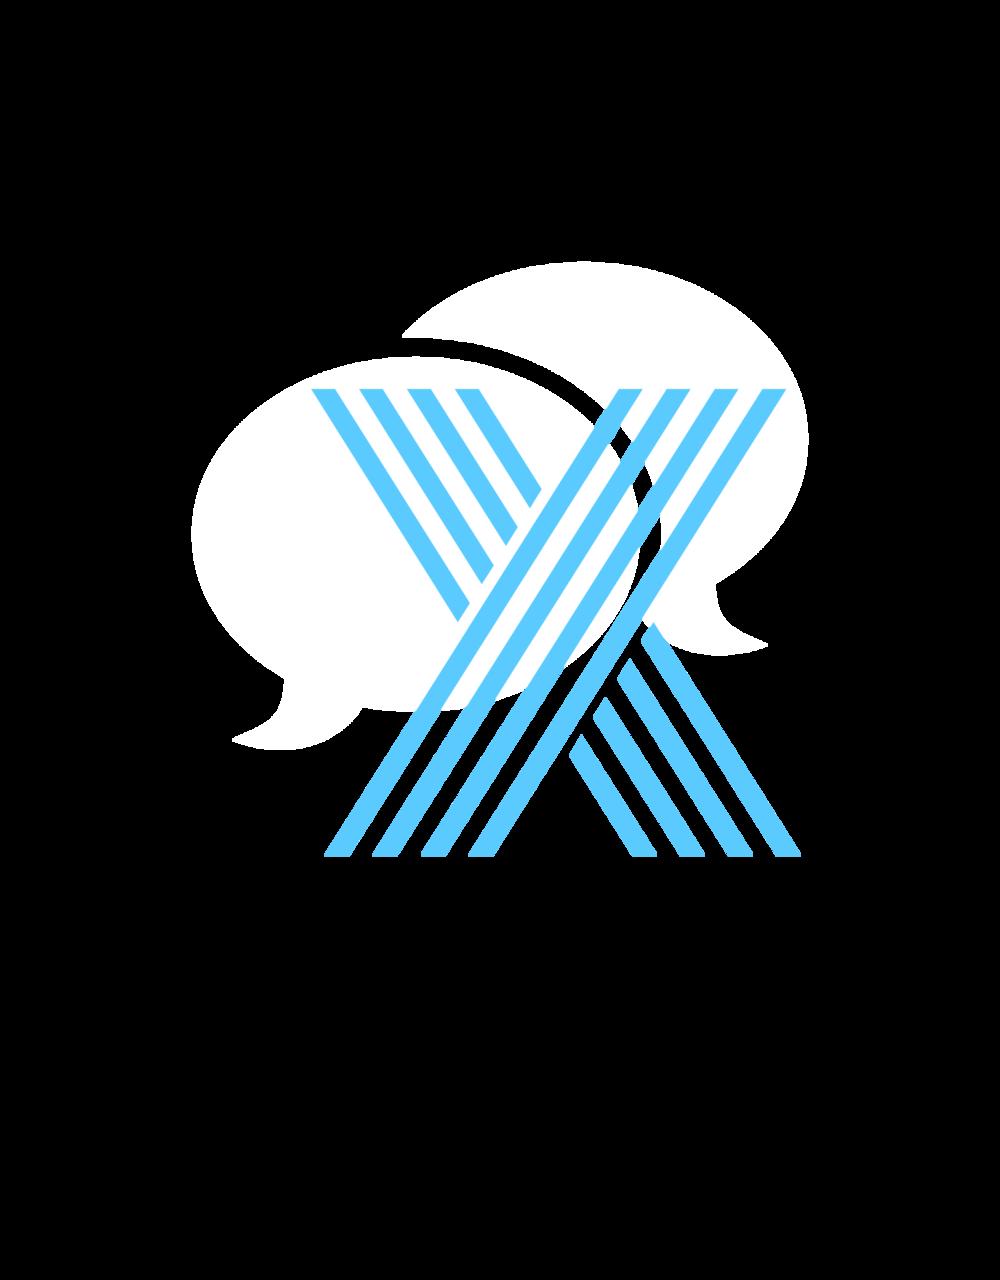 X-logo (1).png